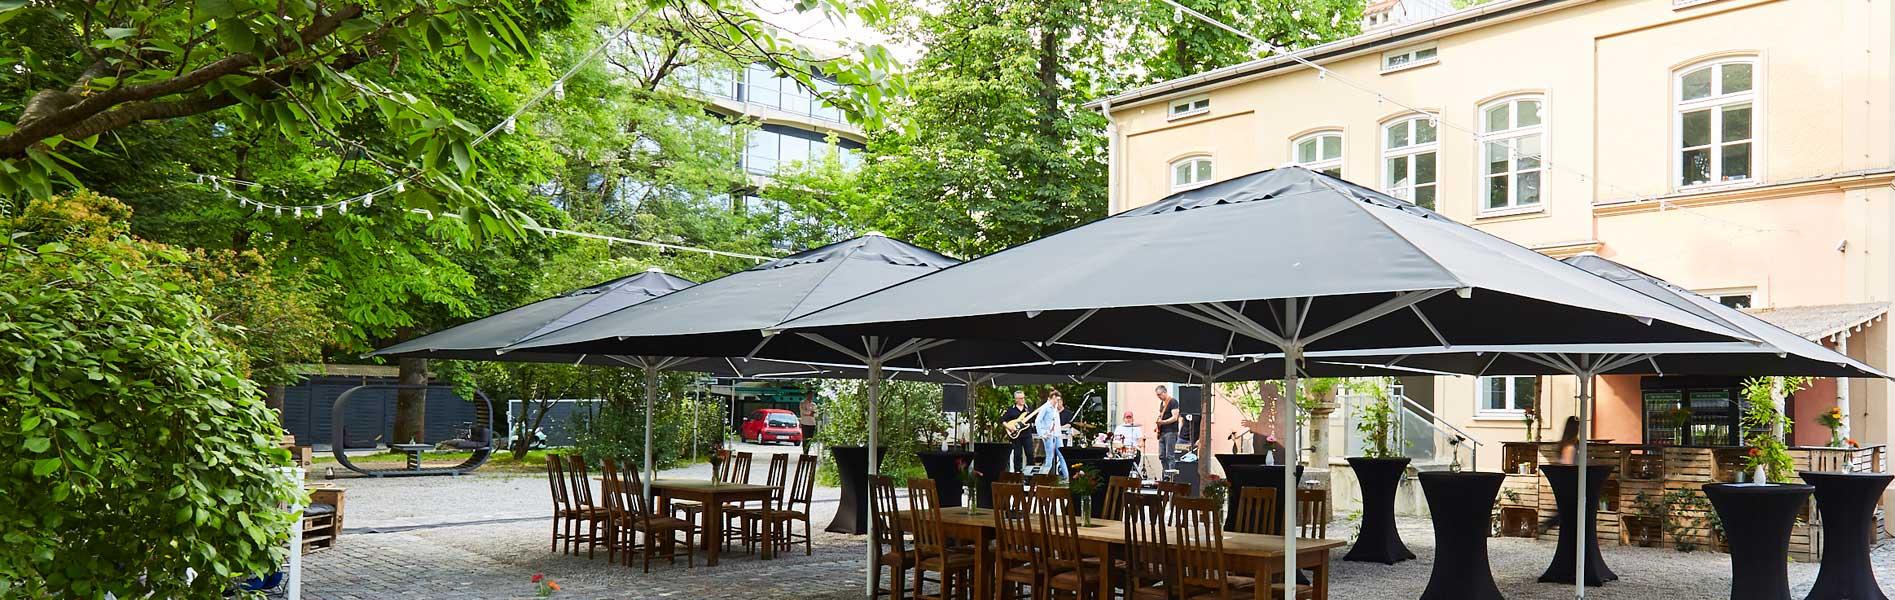 Unikorn Catering München_Eventlocation München-Villa Flora München